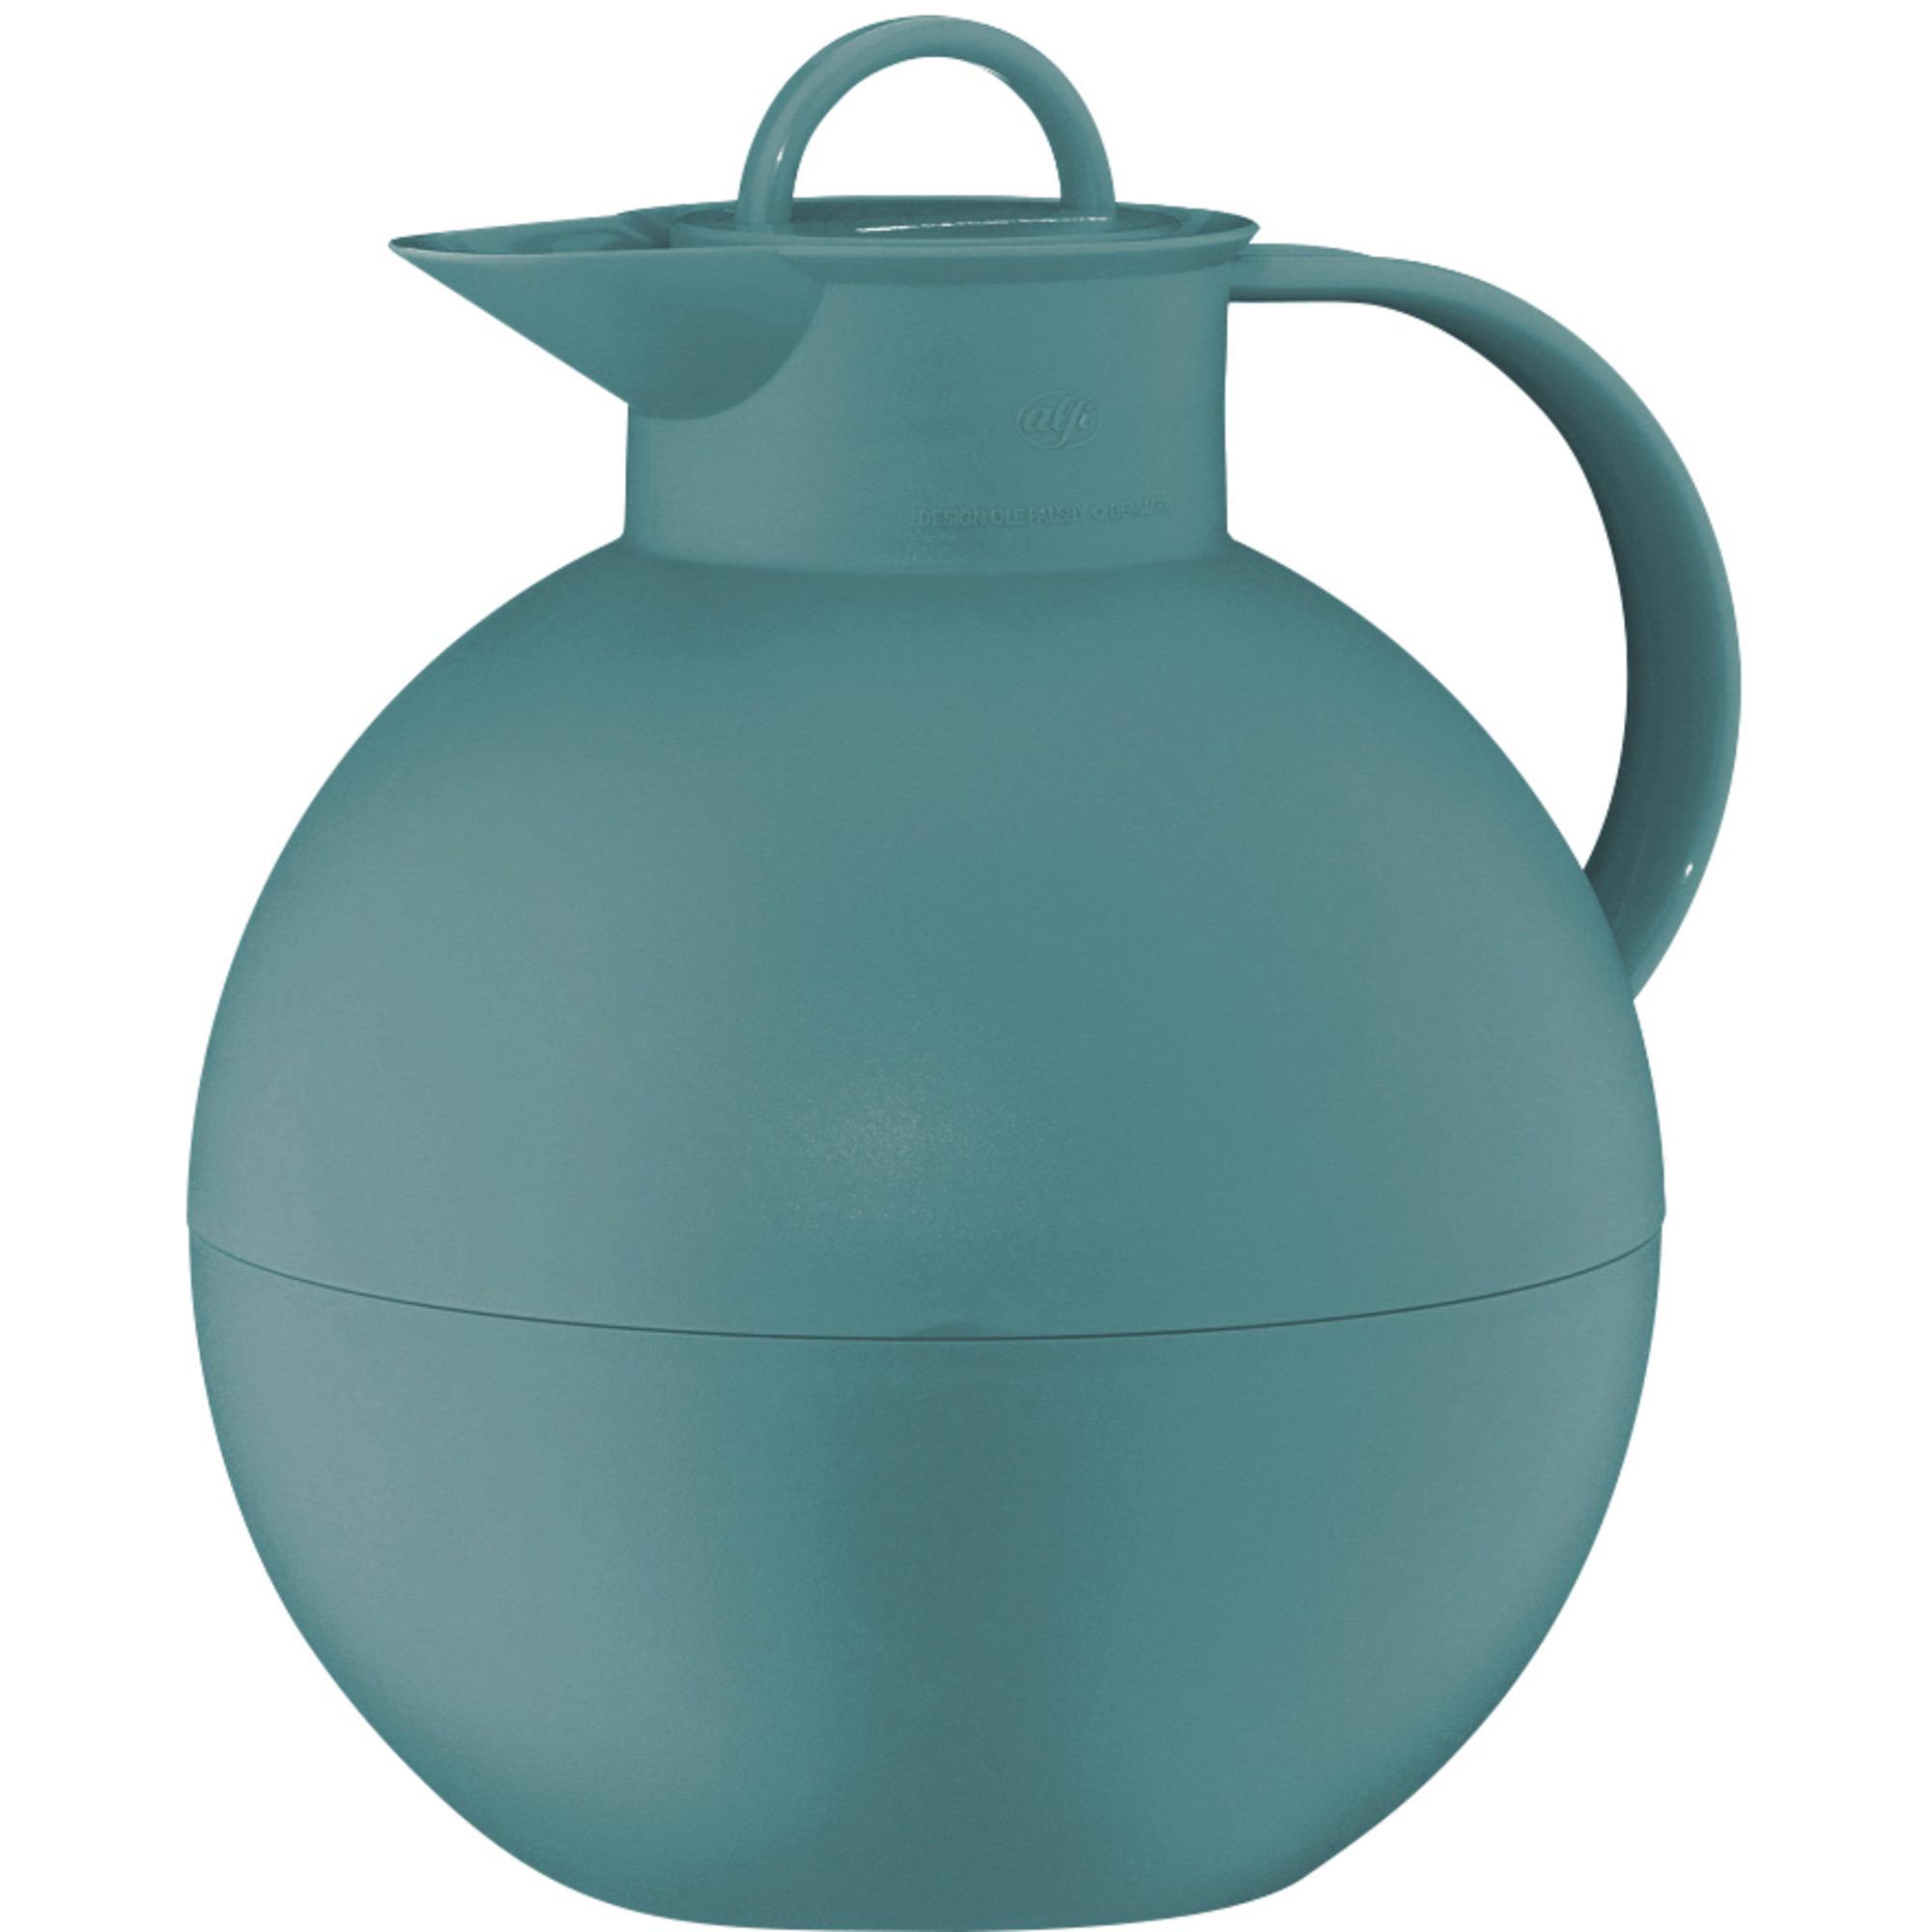 Bilde av Alfi Kule Termokanne Frost 0,94 Liter Grønn/blå